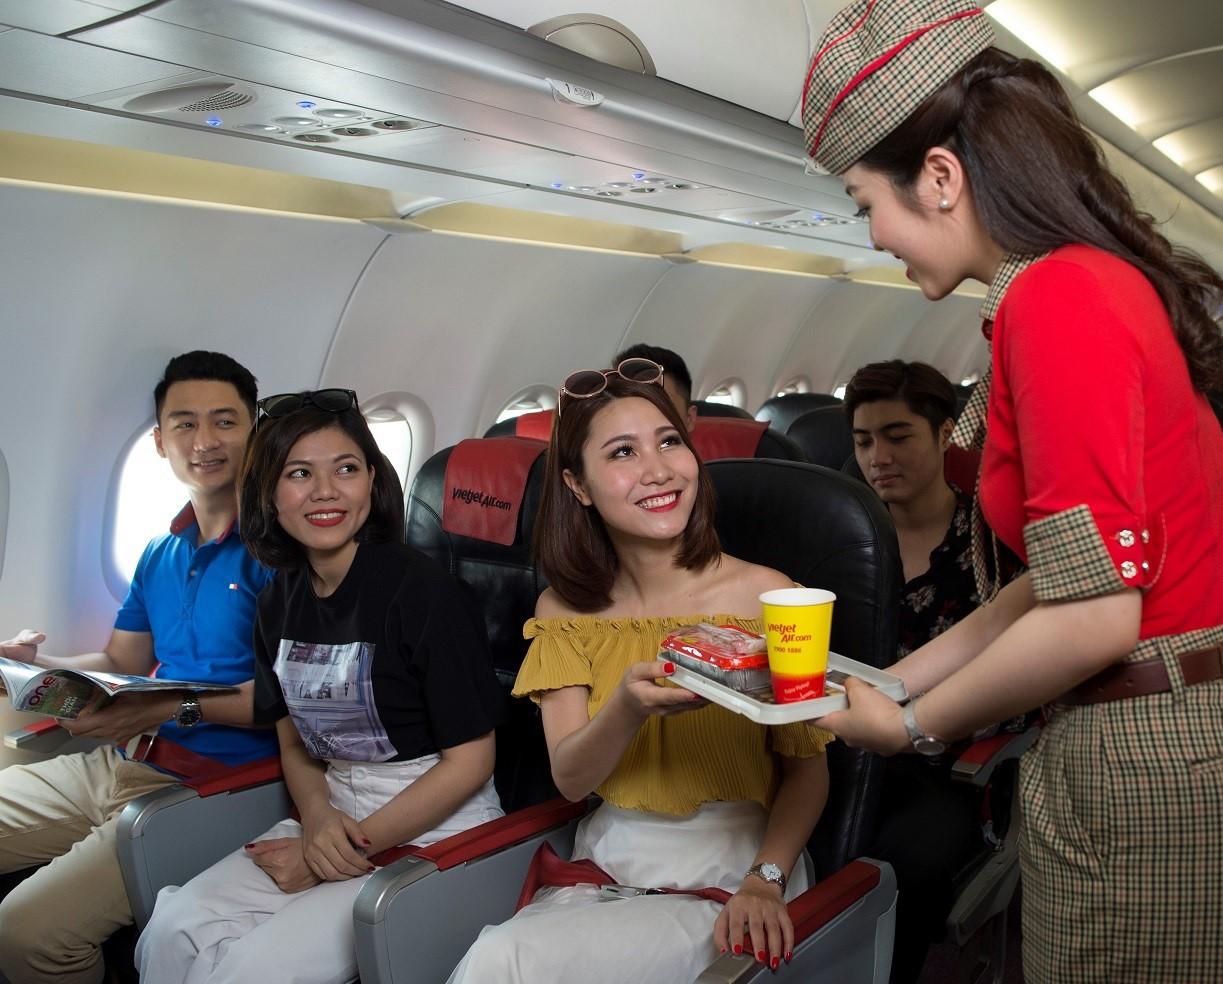 Bán mì tôm, gấu bông và dịch vụ trên máy bay đem về hơn 2,6 nghìn tỉ đồng cho Vietjet  - Ảnh 1.